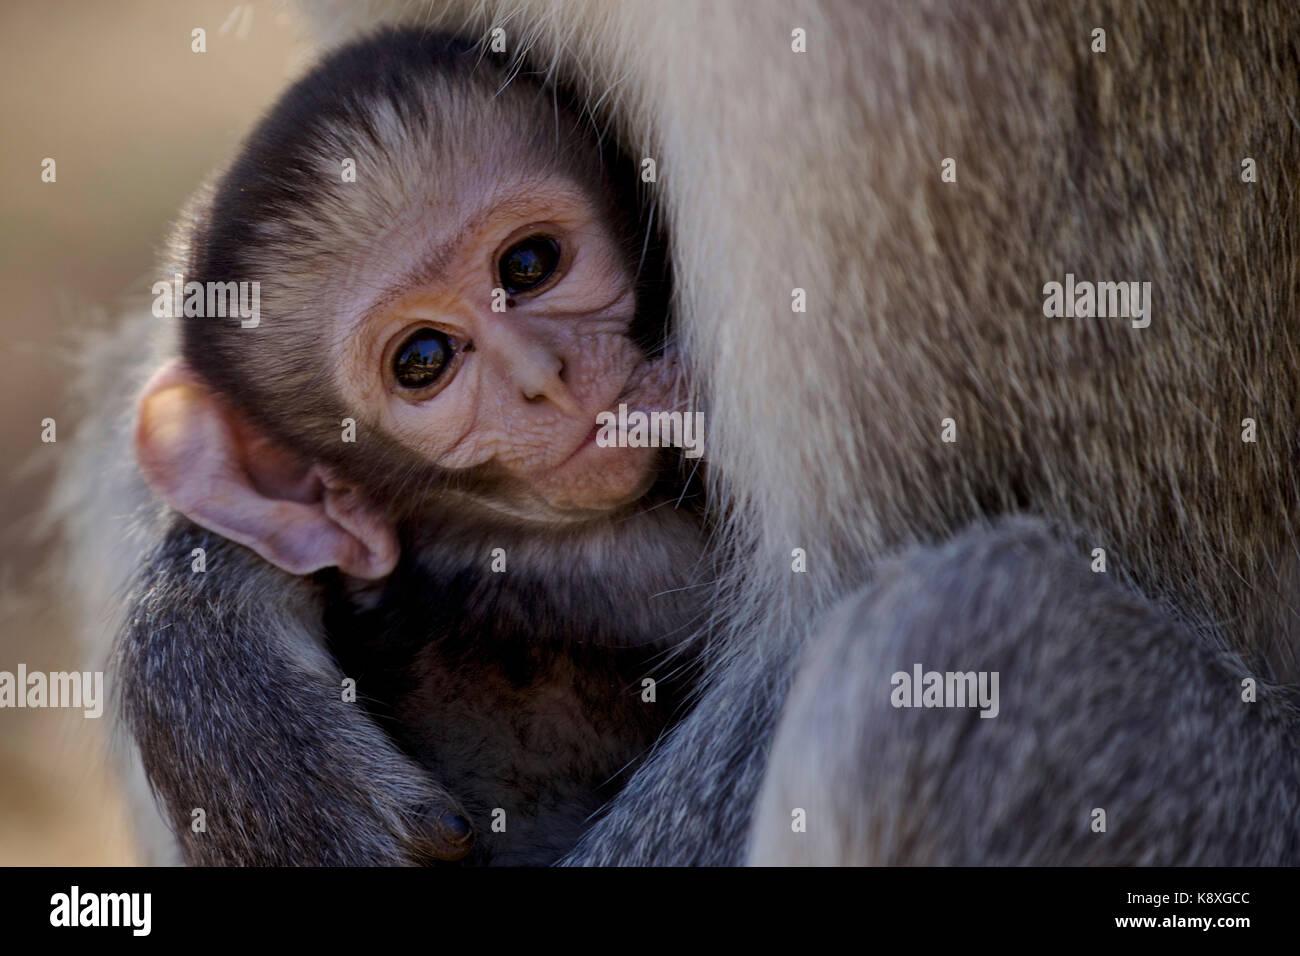 Frühstück Zeit für ein Baby Meerkatze (Afrika) Stockbild